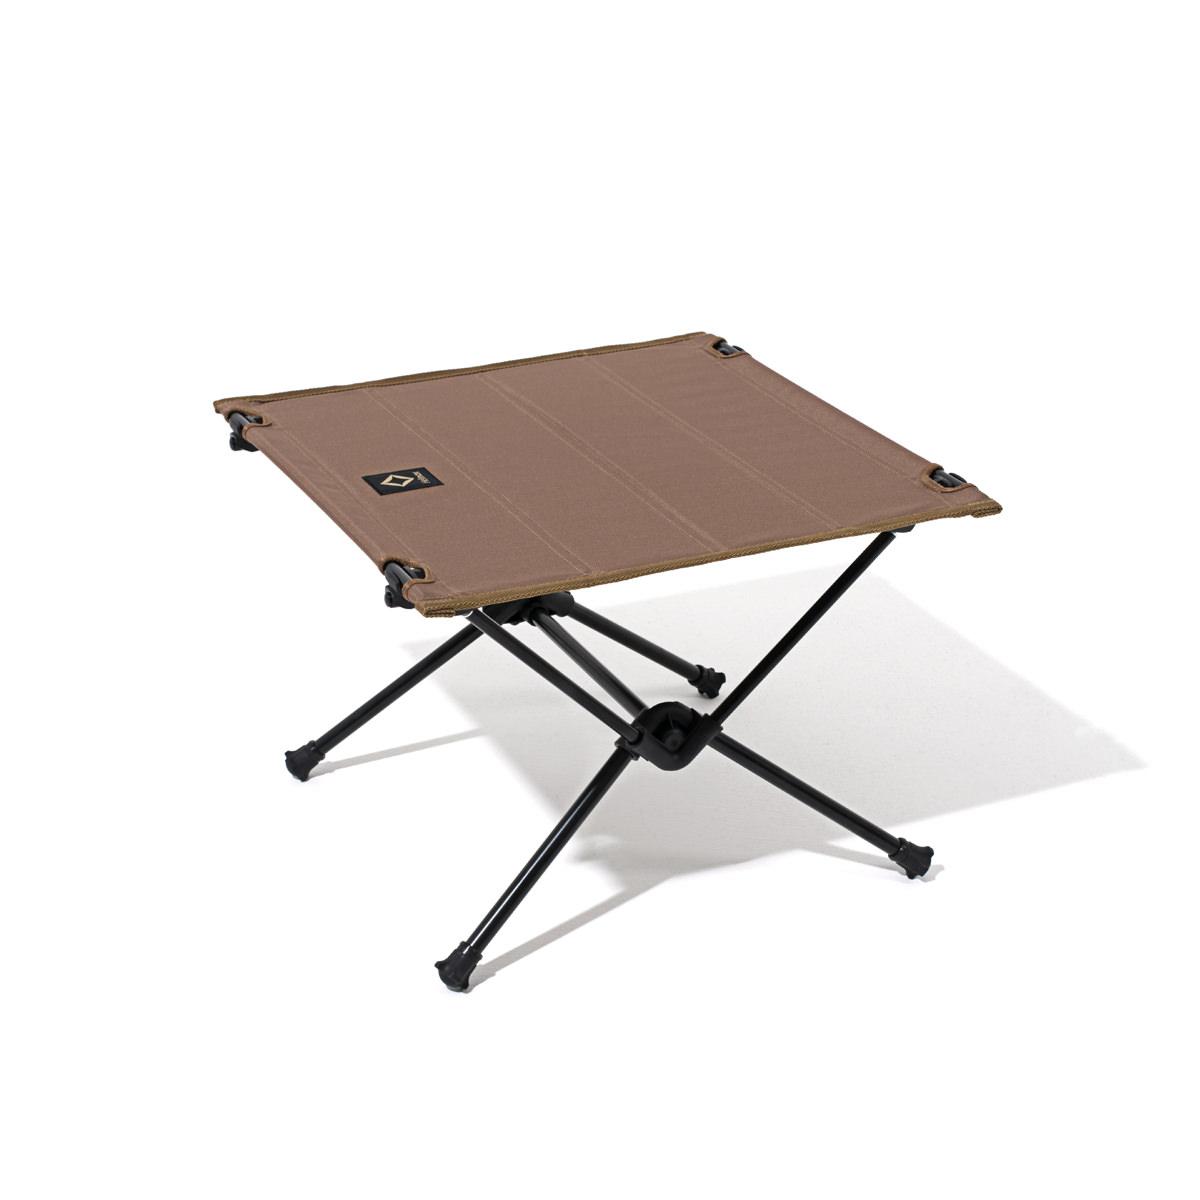 タクティカル テーブル S / コヨーテ